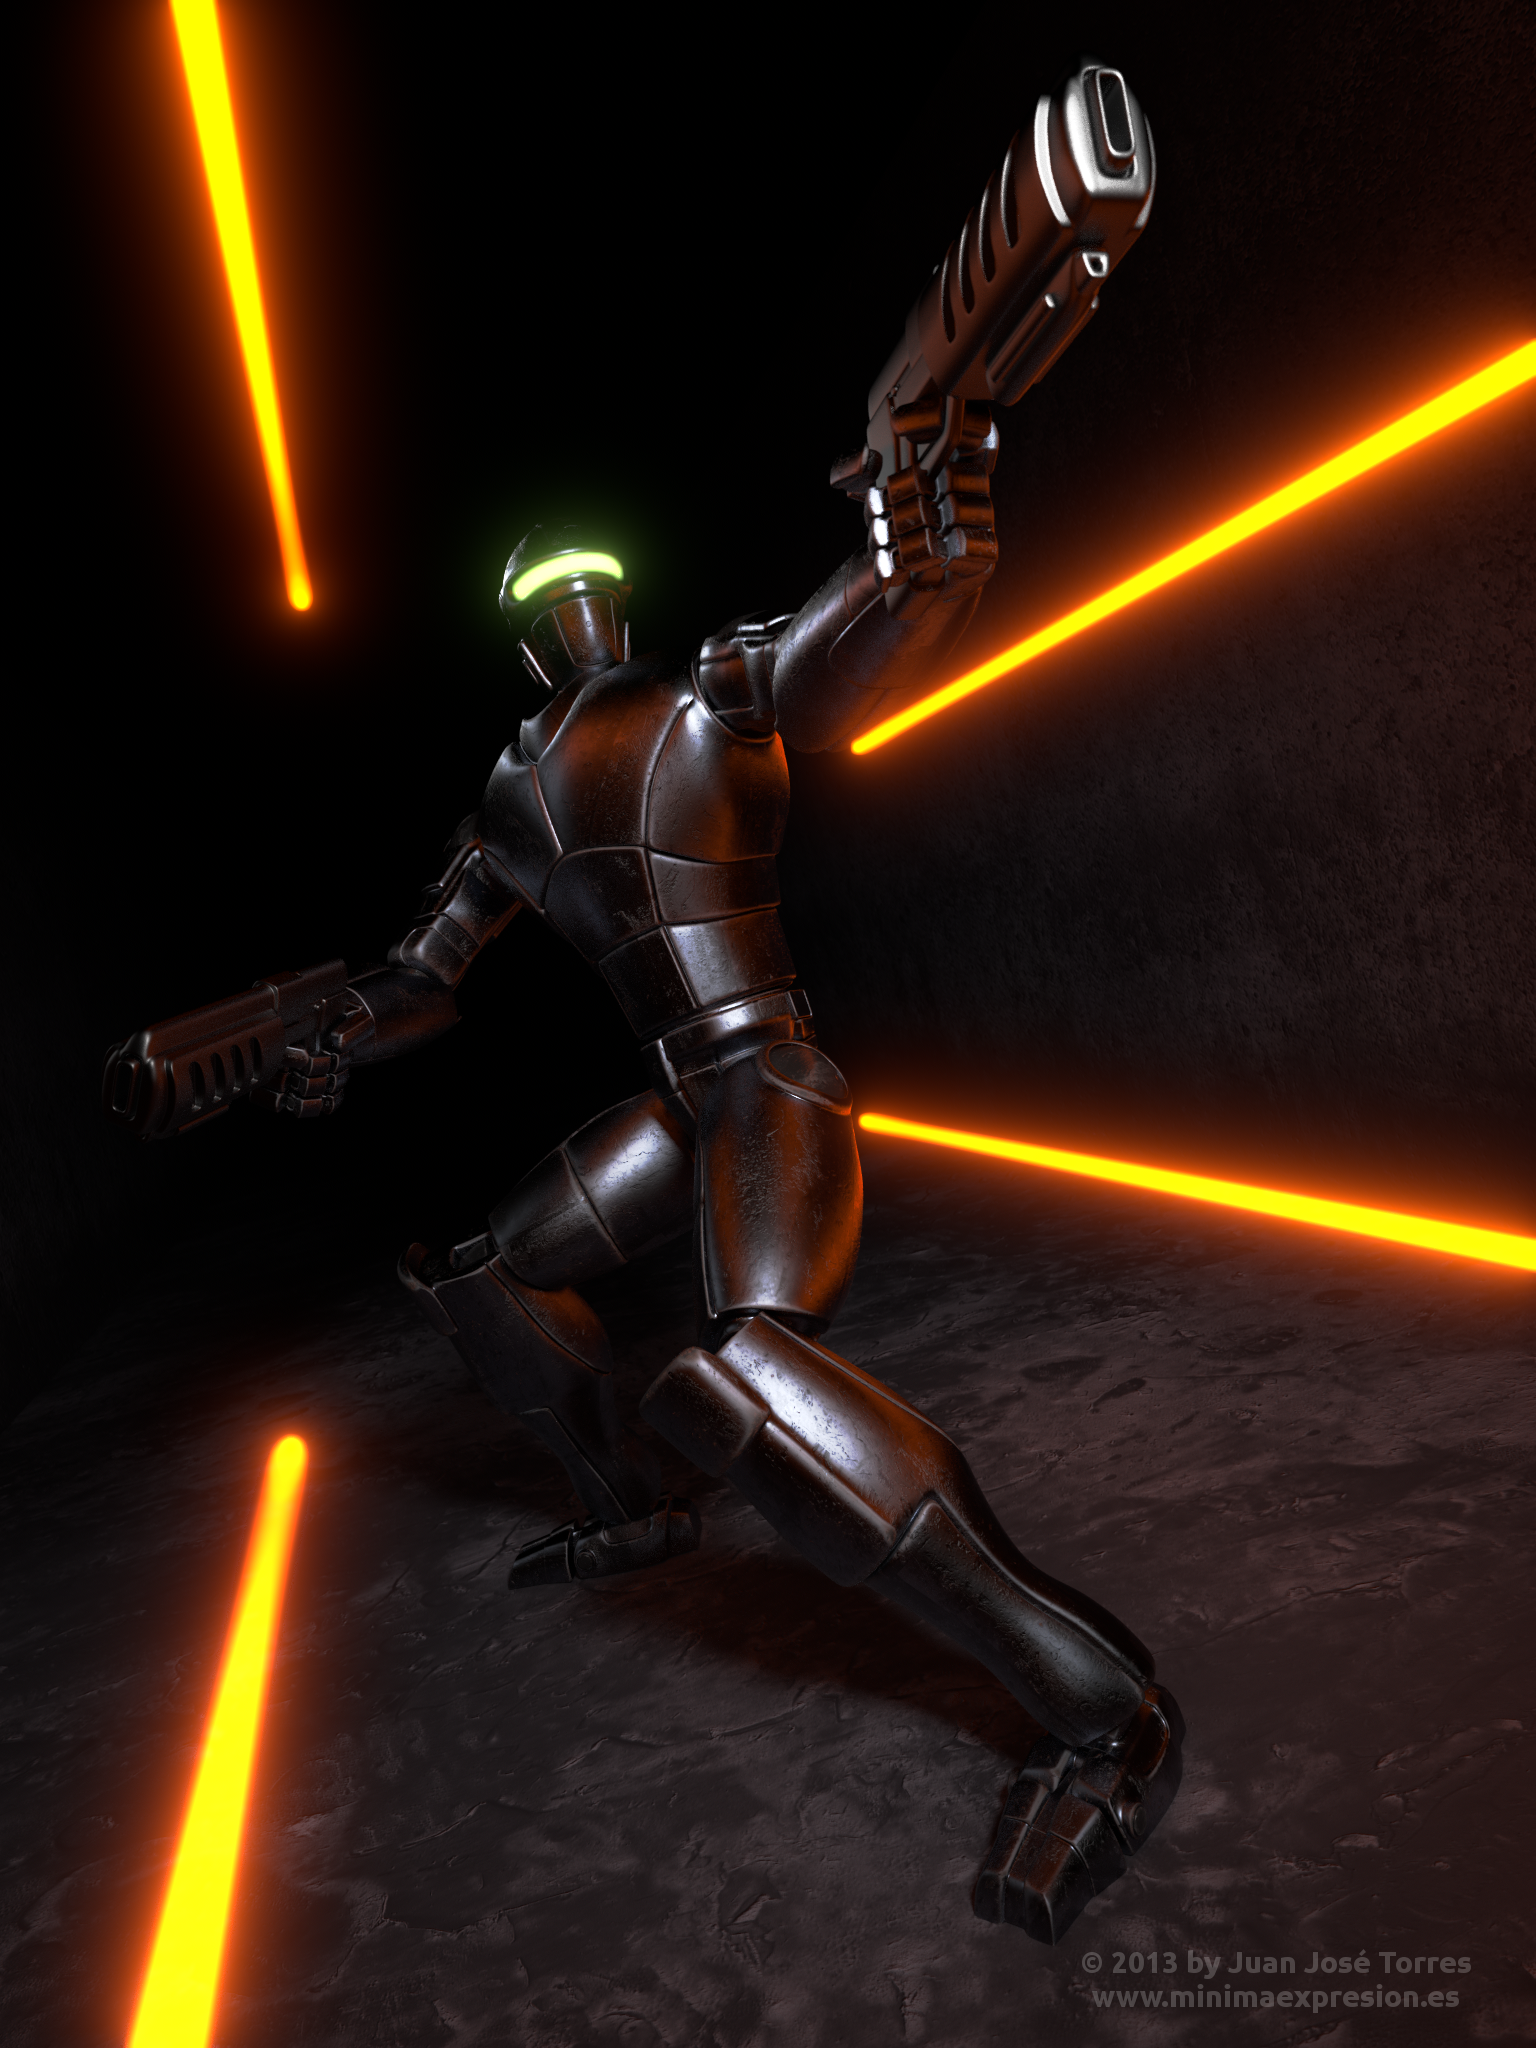 New Robot Design - Posing Test by JuanJoseTorres